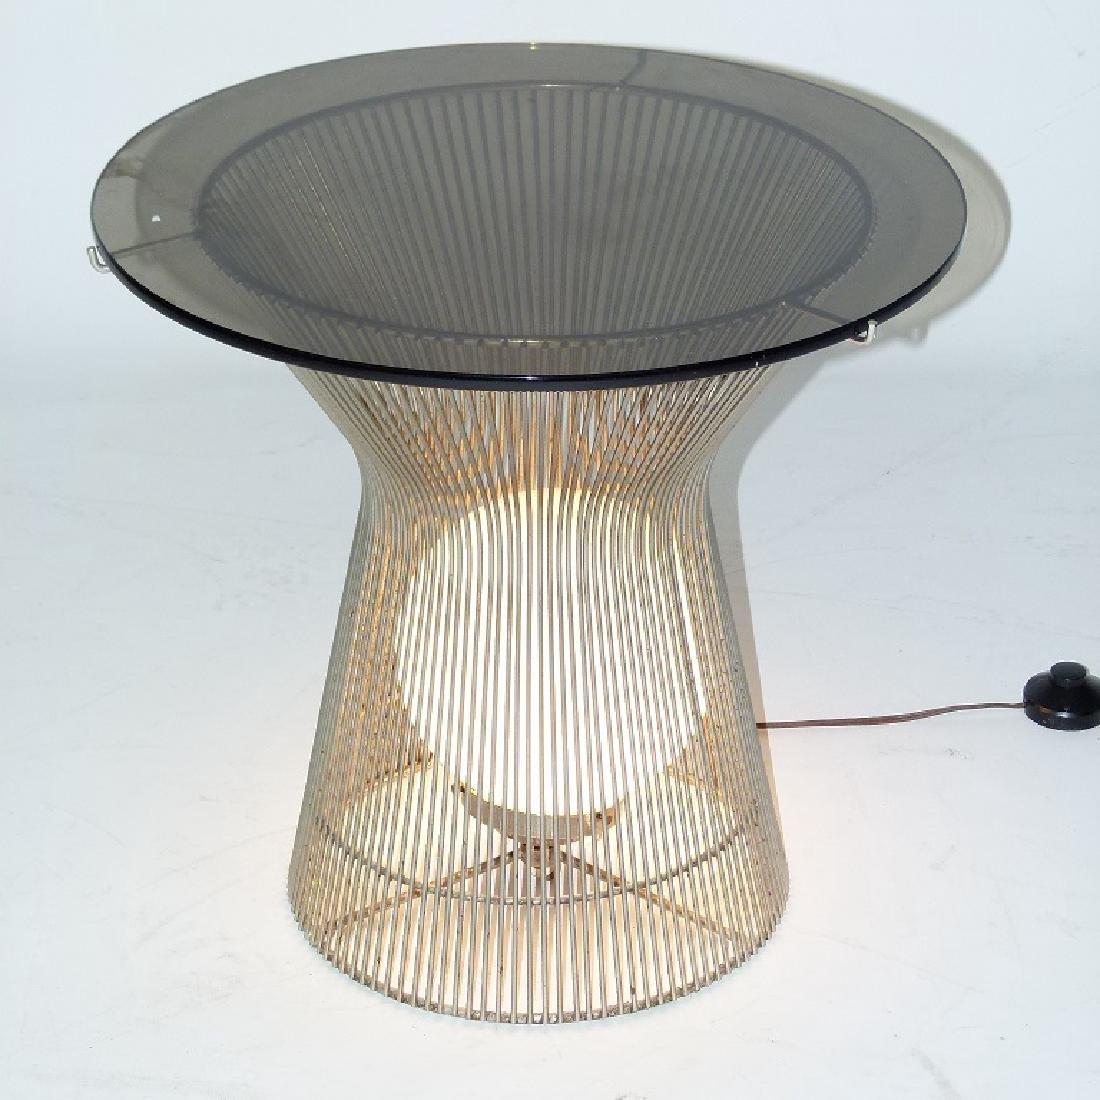 WARREN PLATNER ART MODERN CHROME/GLASS END TABLE